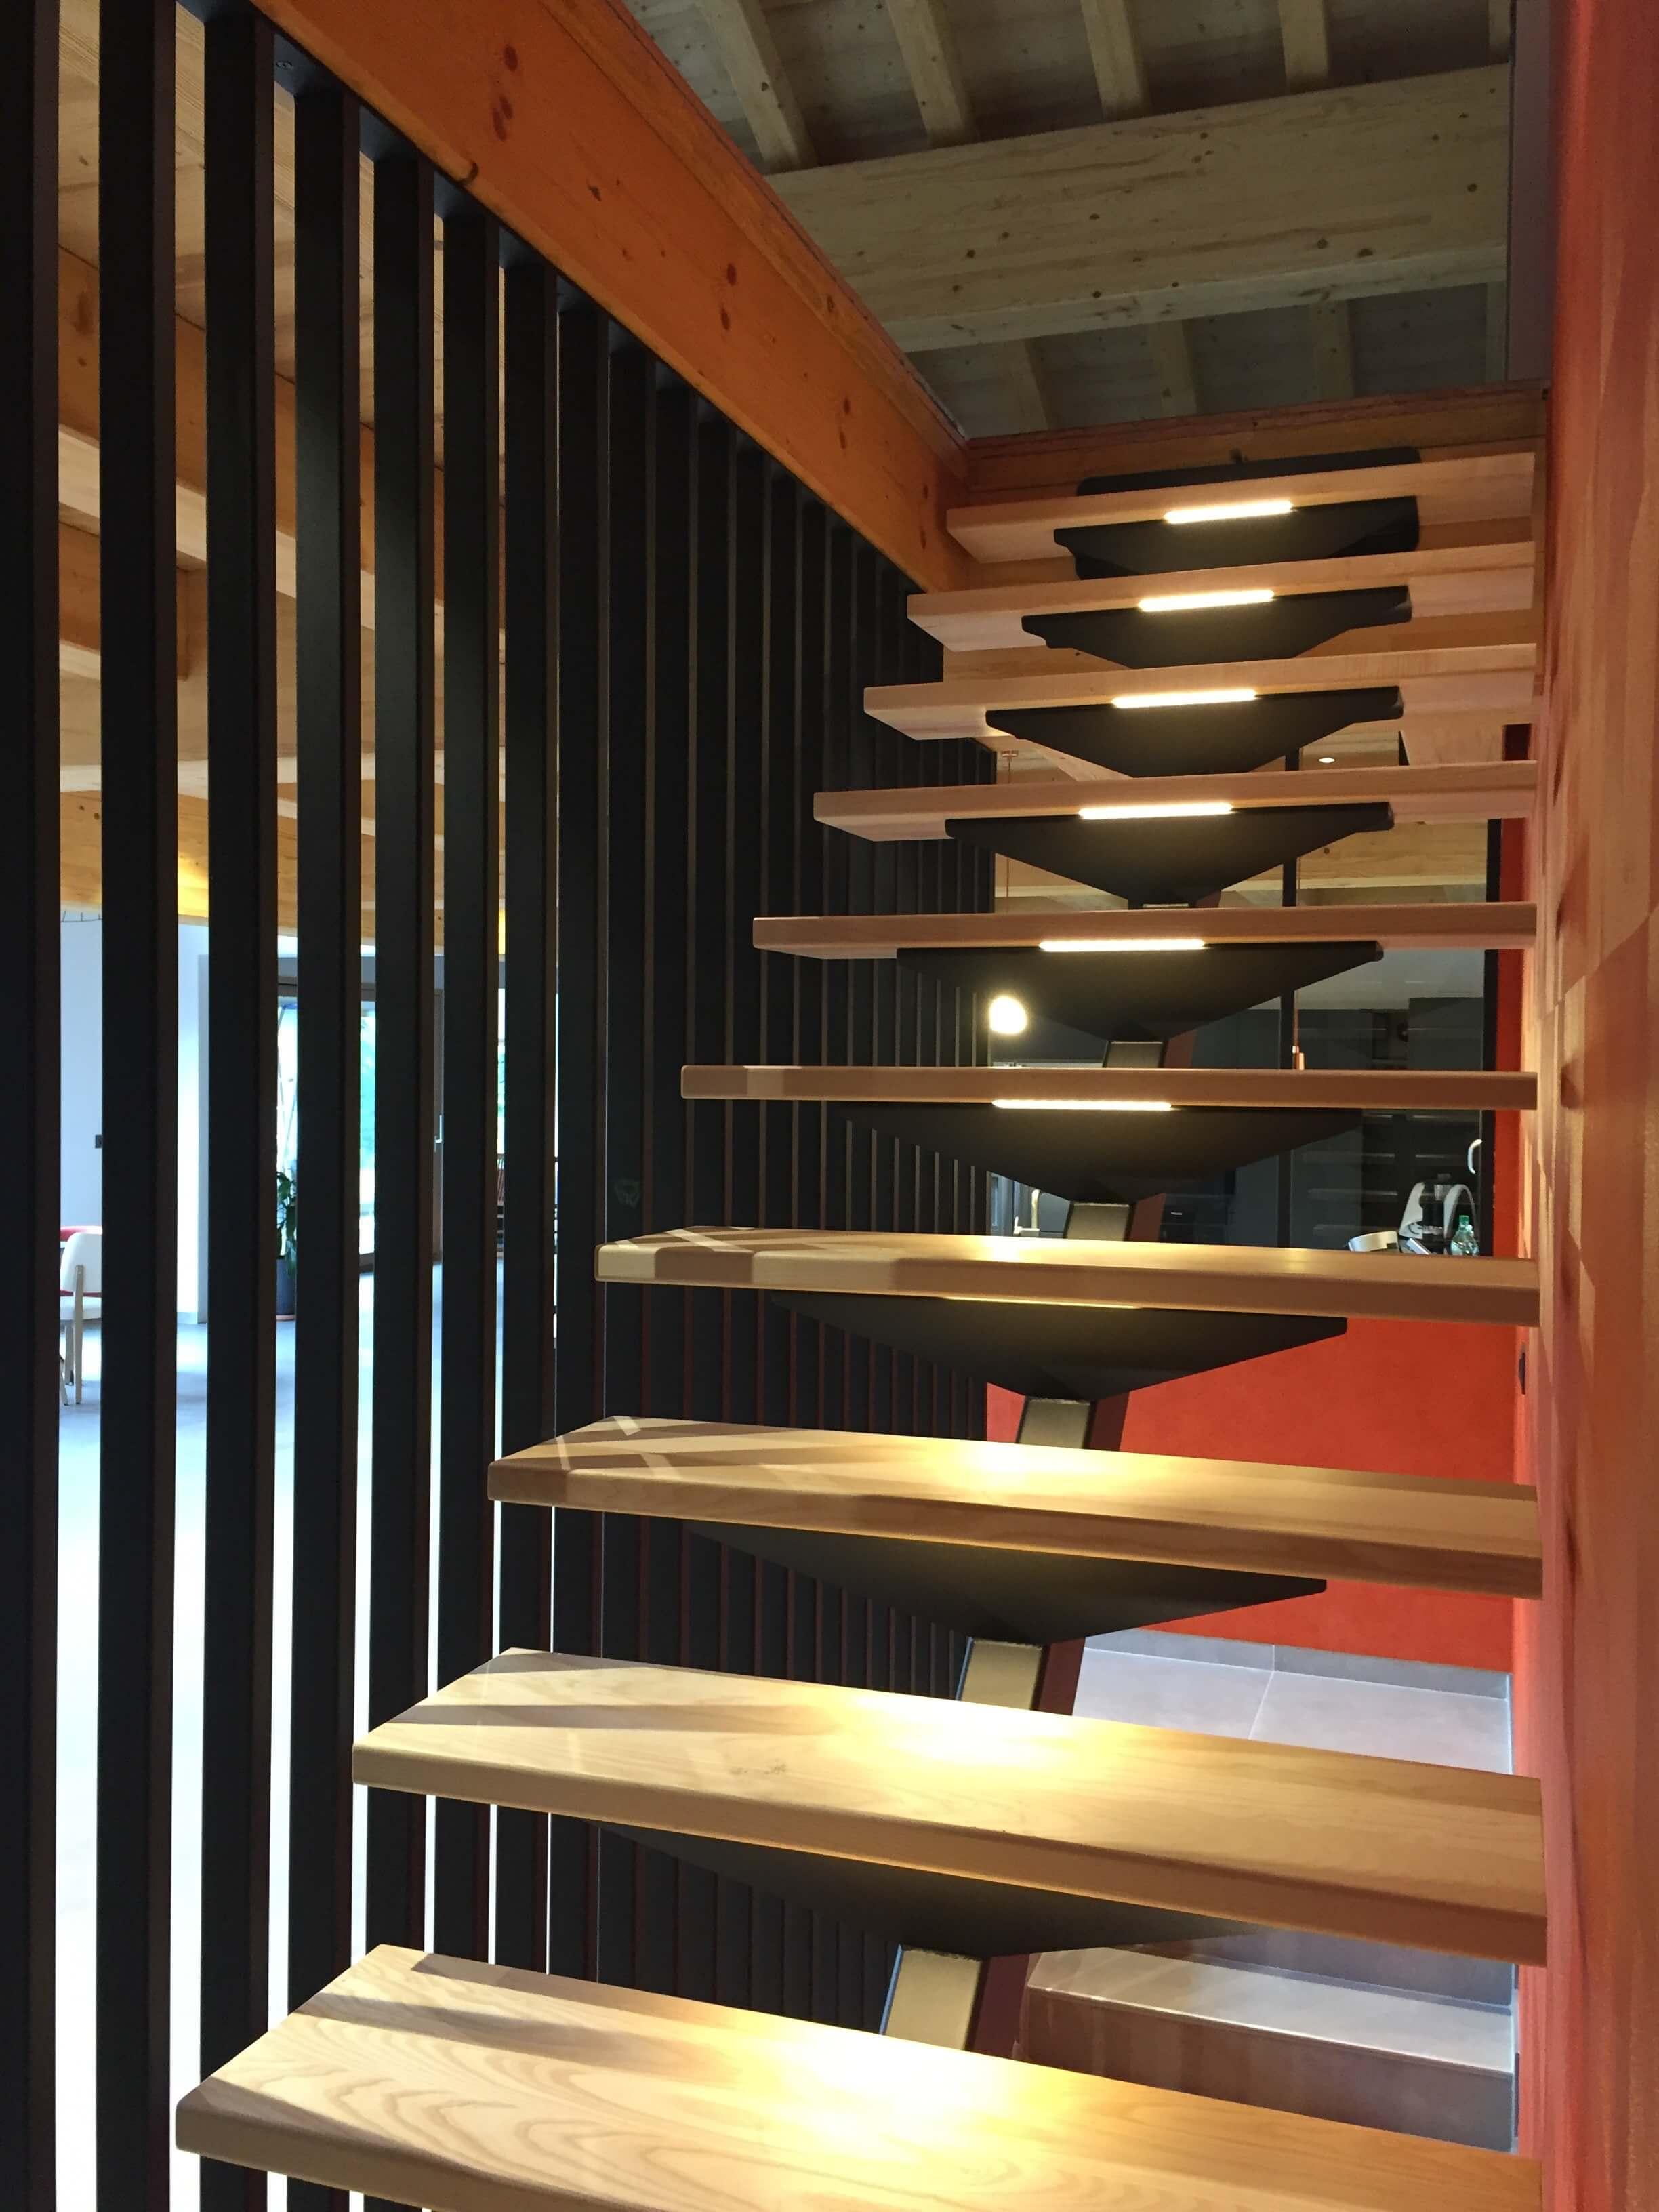 Robi design Métallique Annecy agencement intérieur verrière claustra Tarentaise 7335